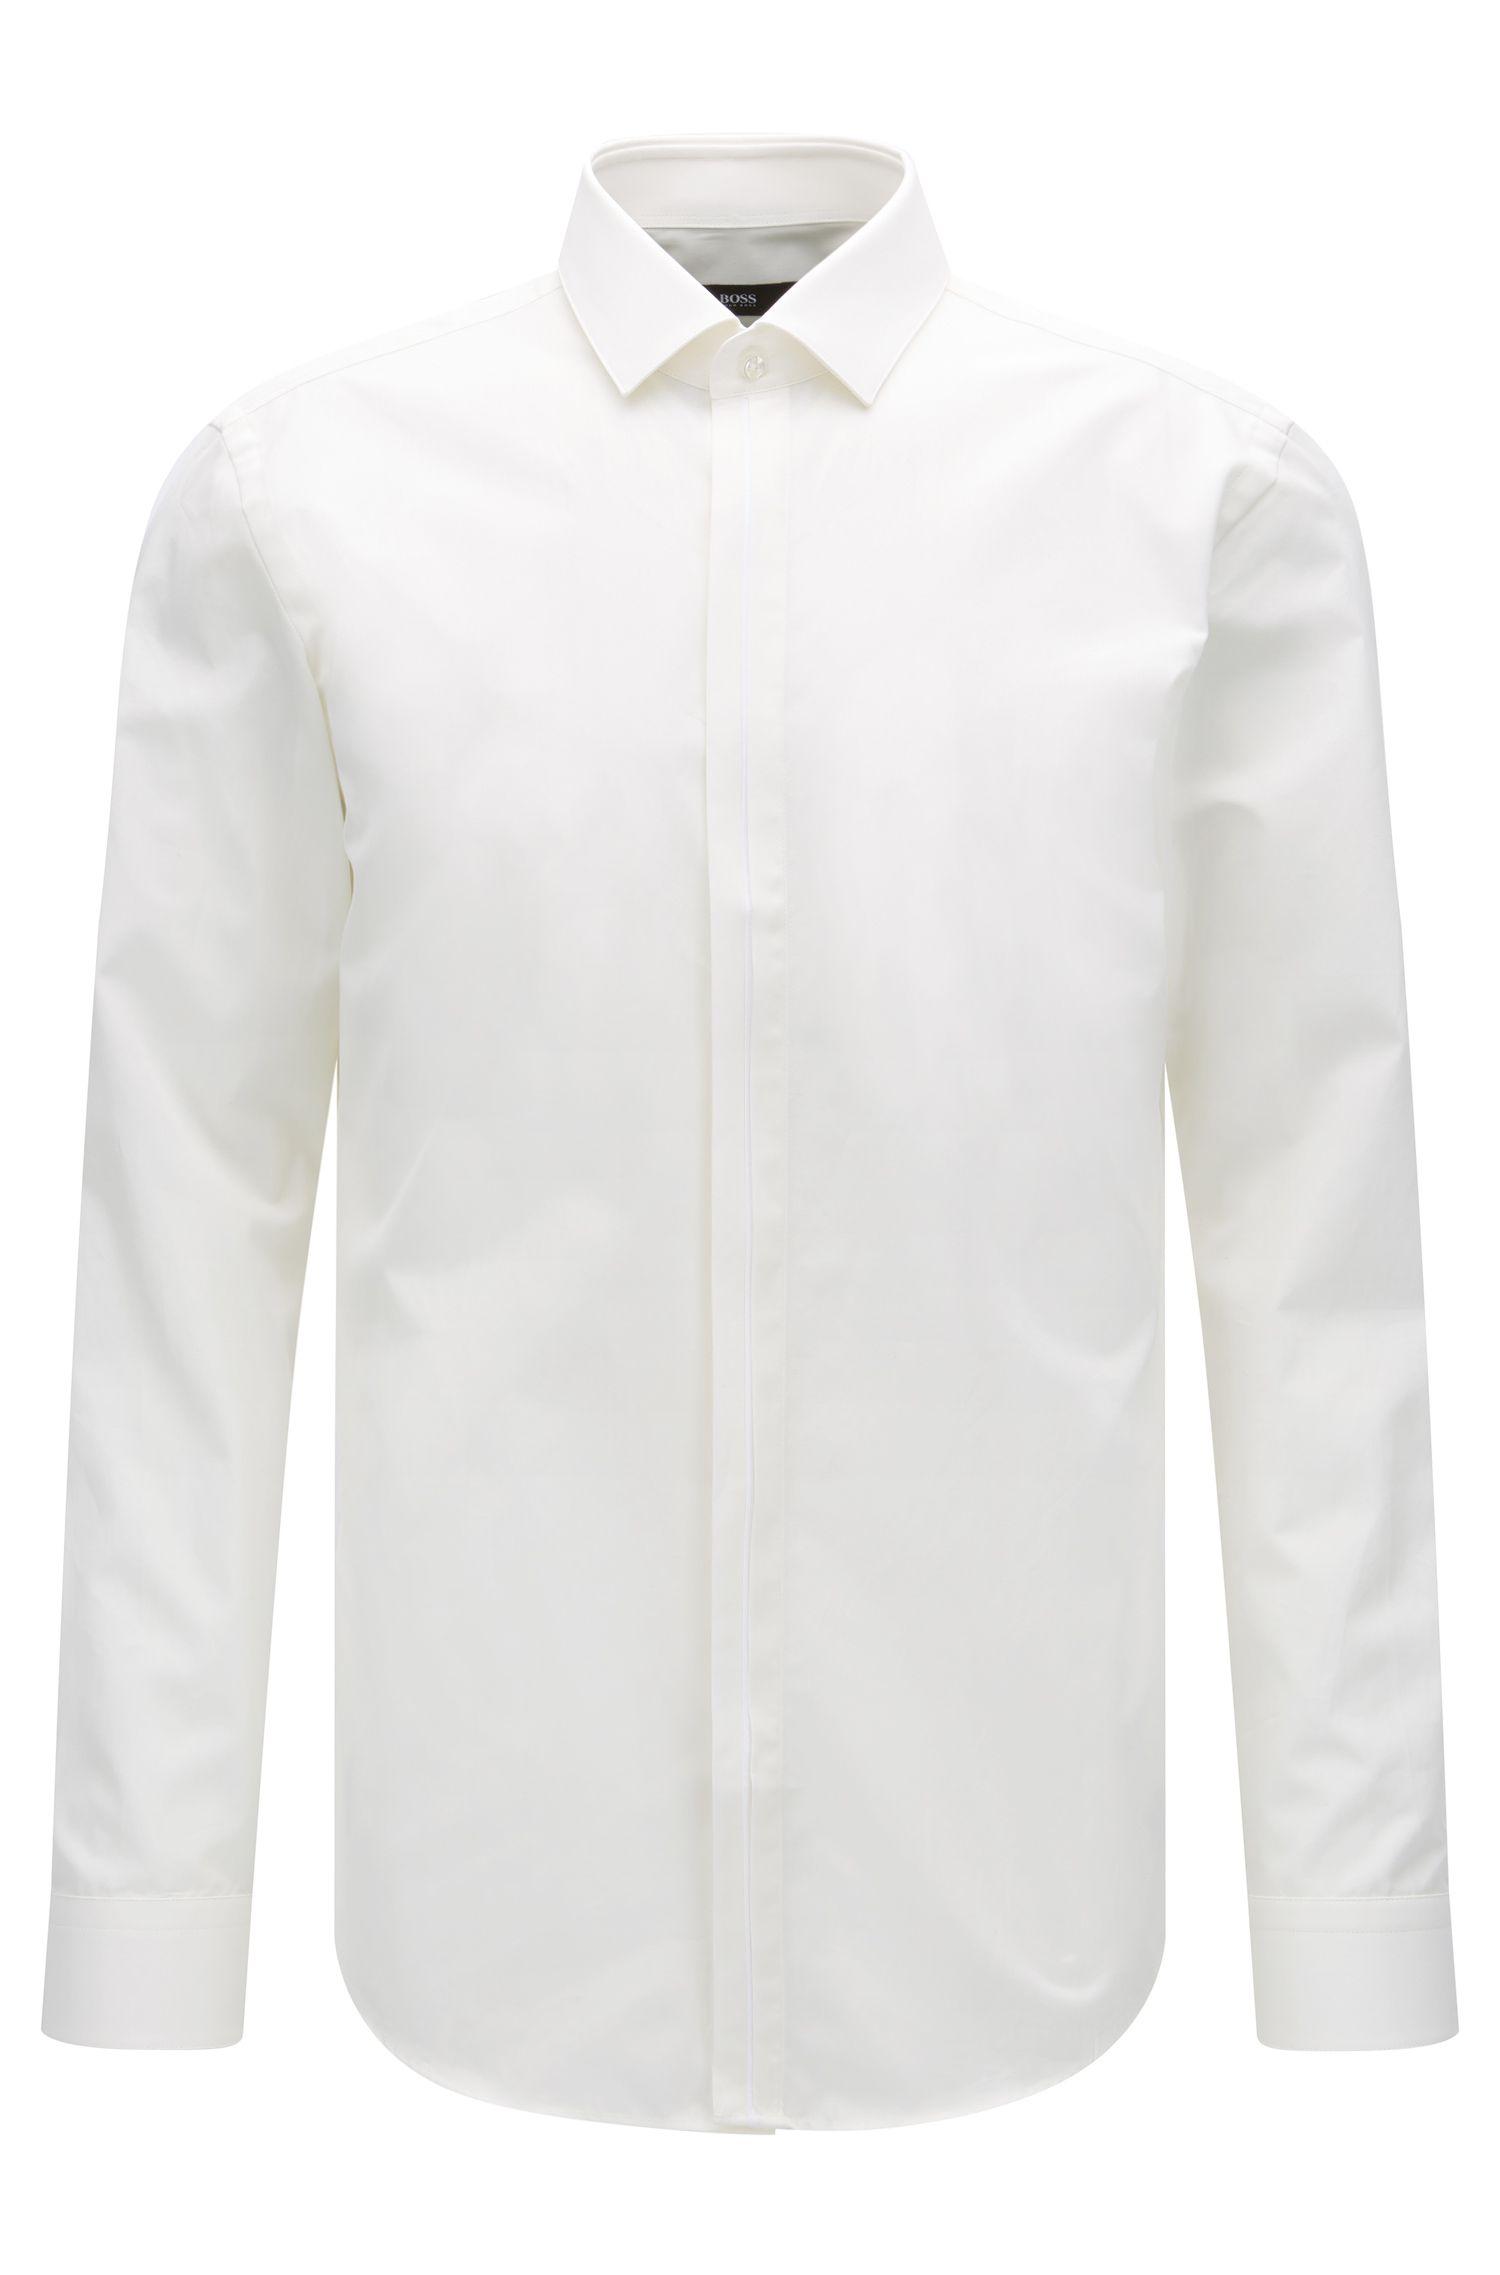 Chemise Slim Fit en coton avec patte de boutonnage contrastante